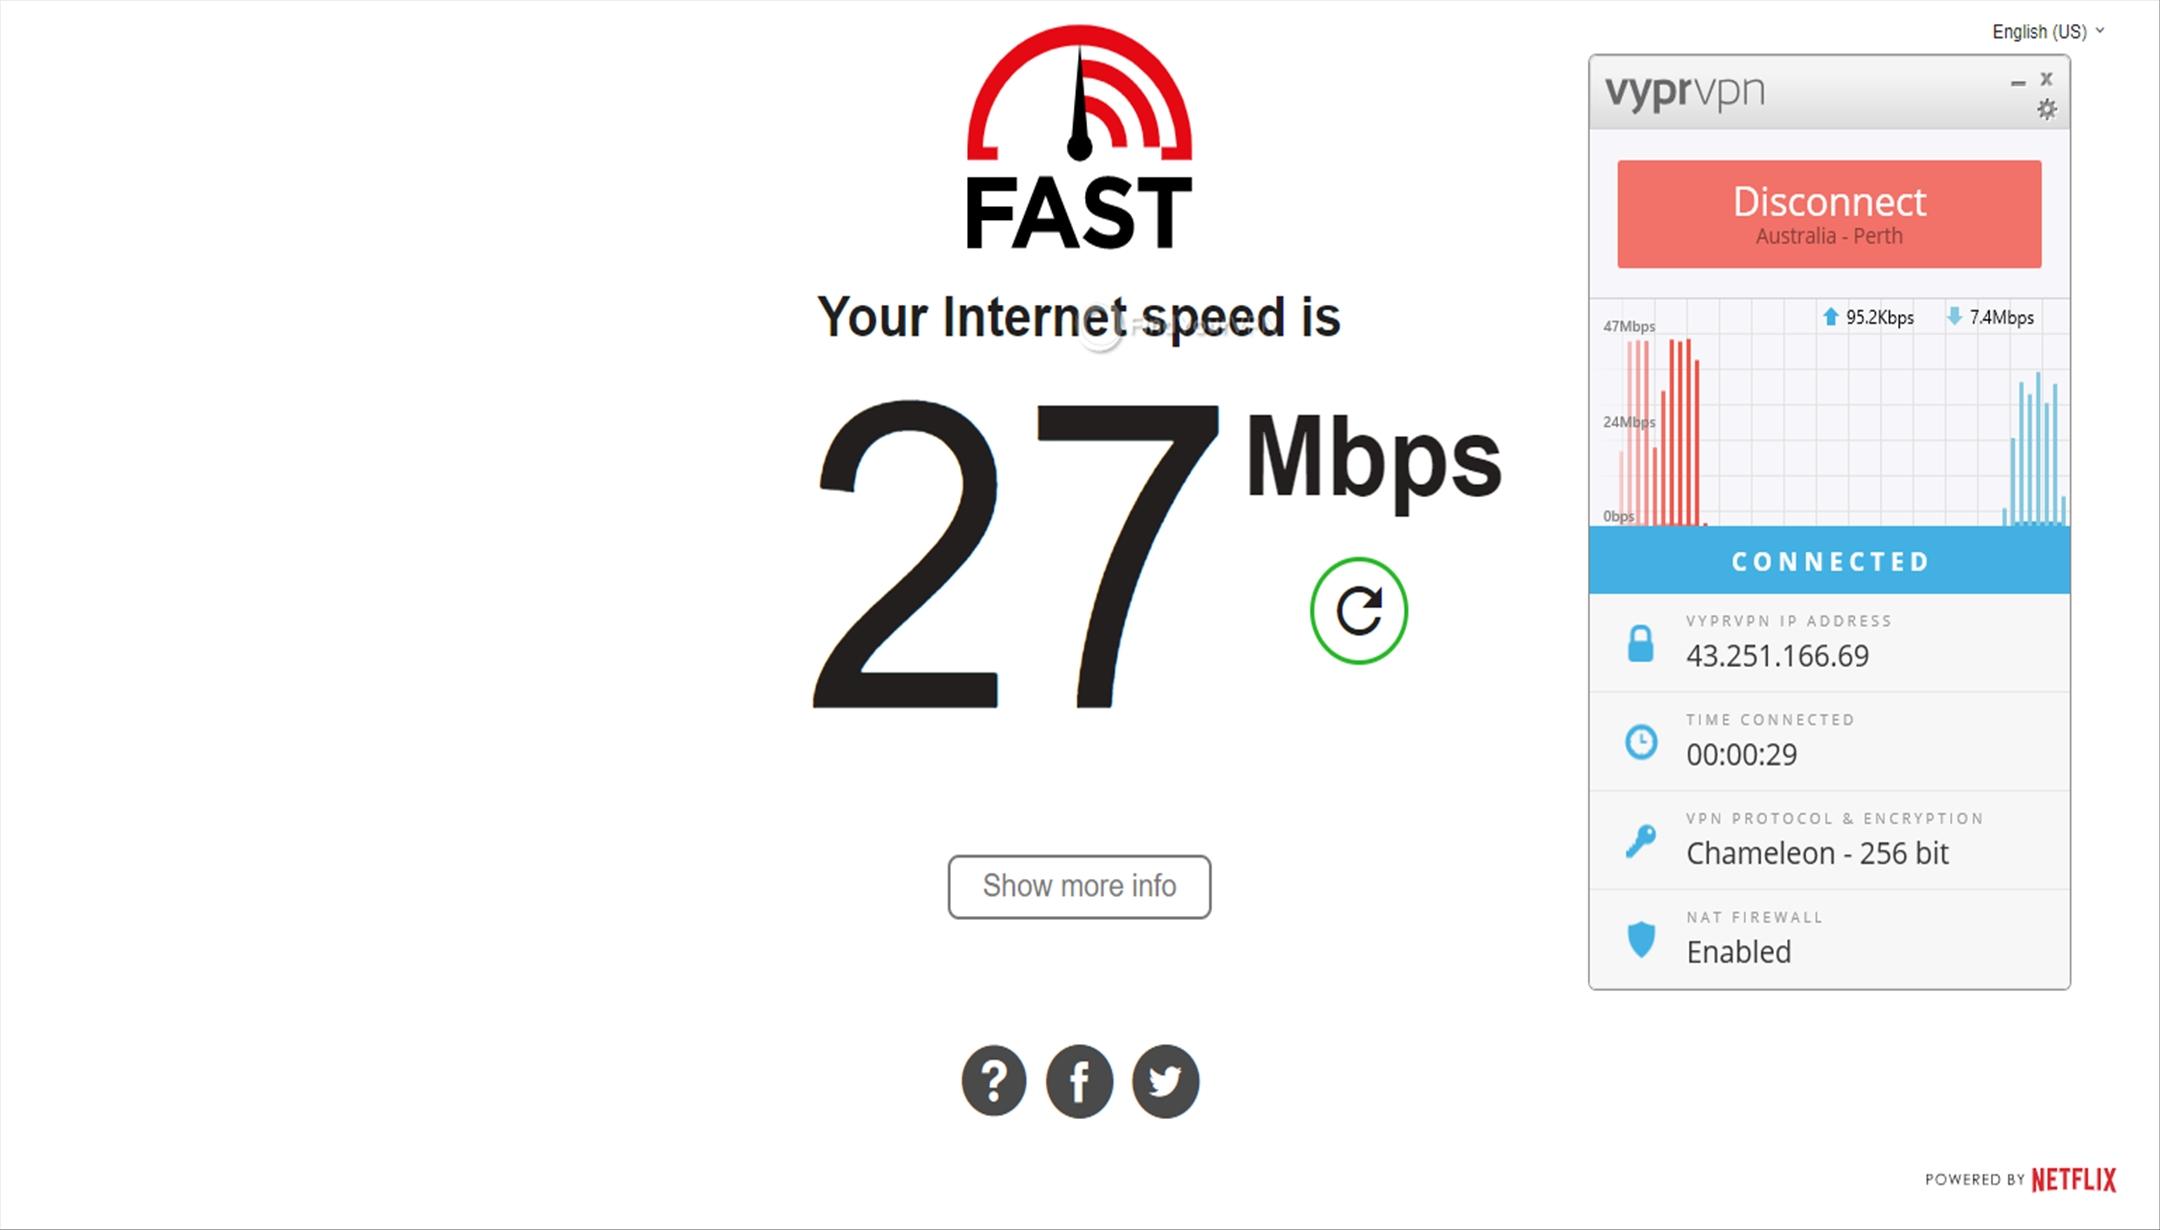 VyprVPN Australia Speed Test 27 Mbps